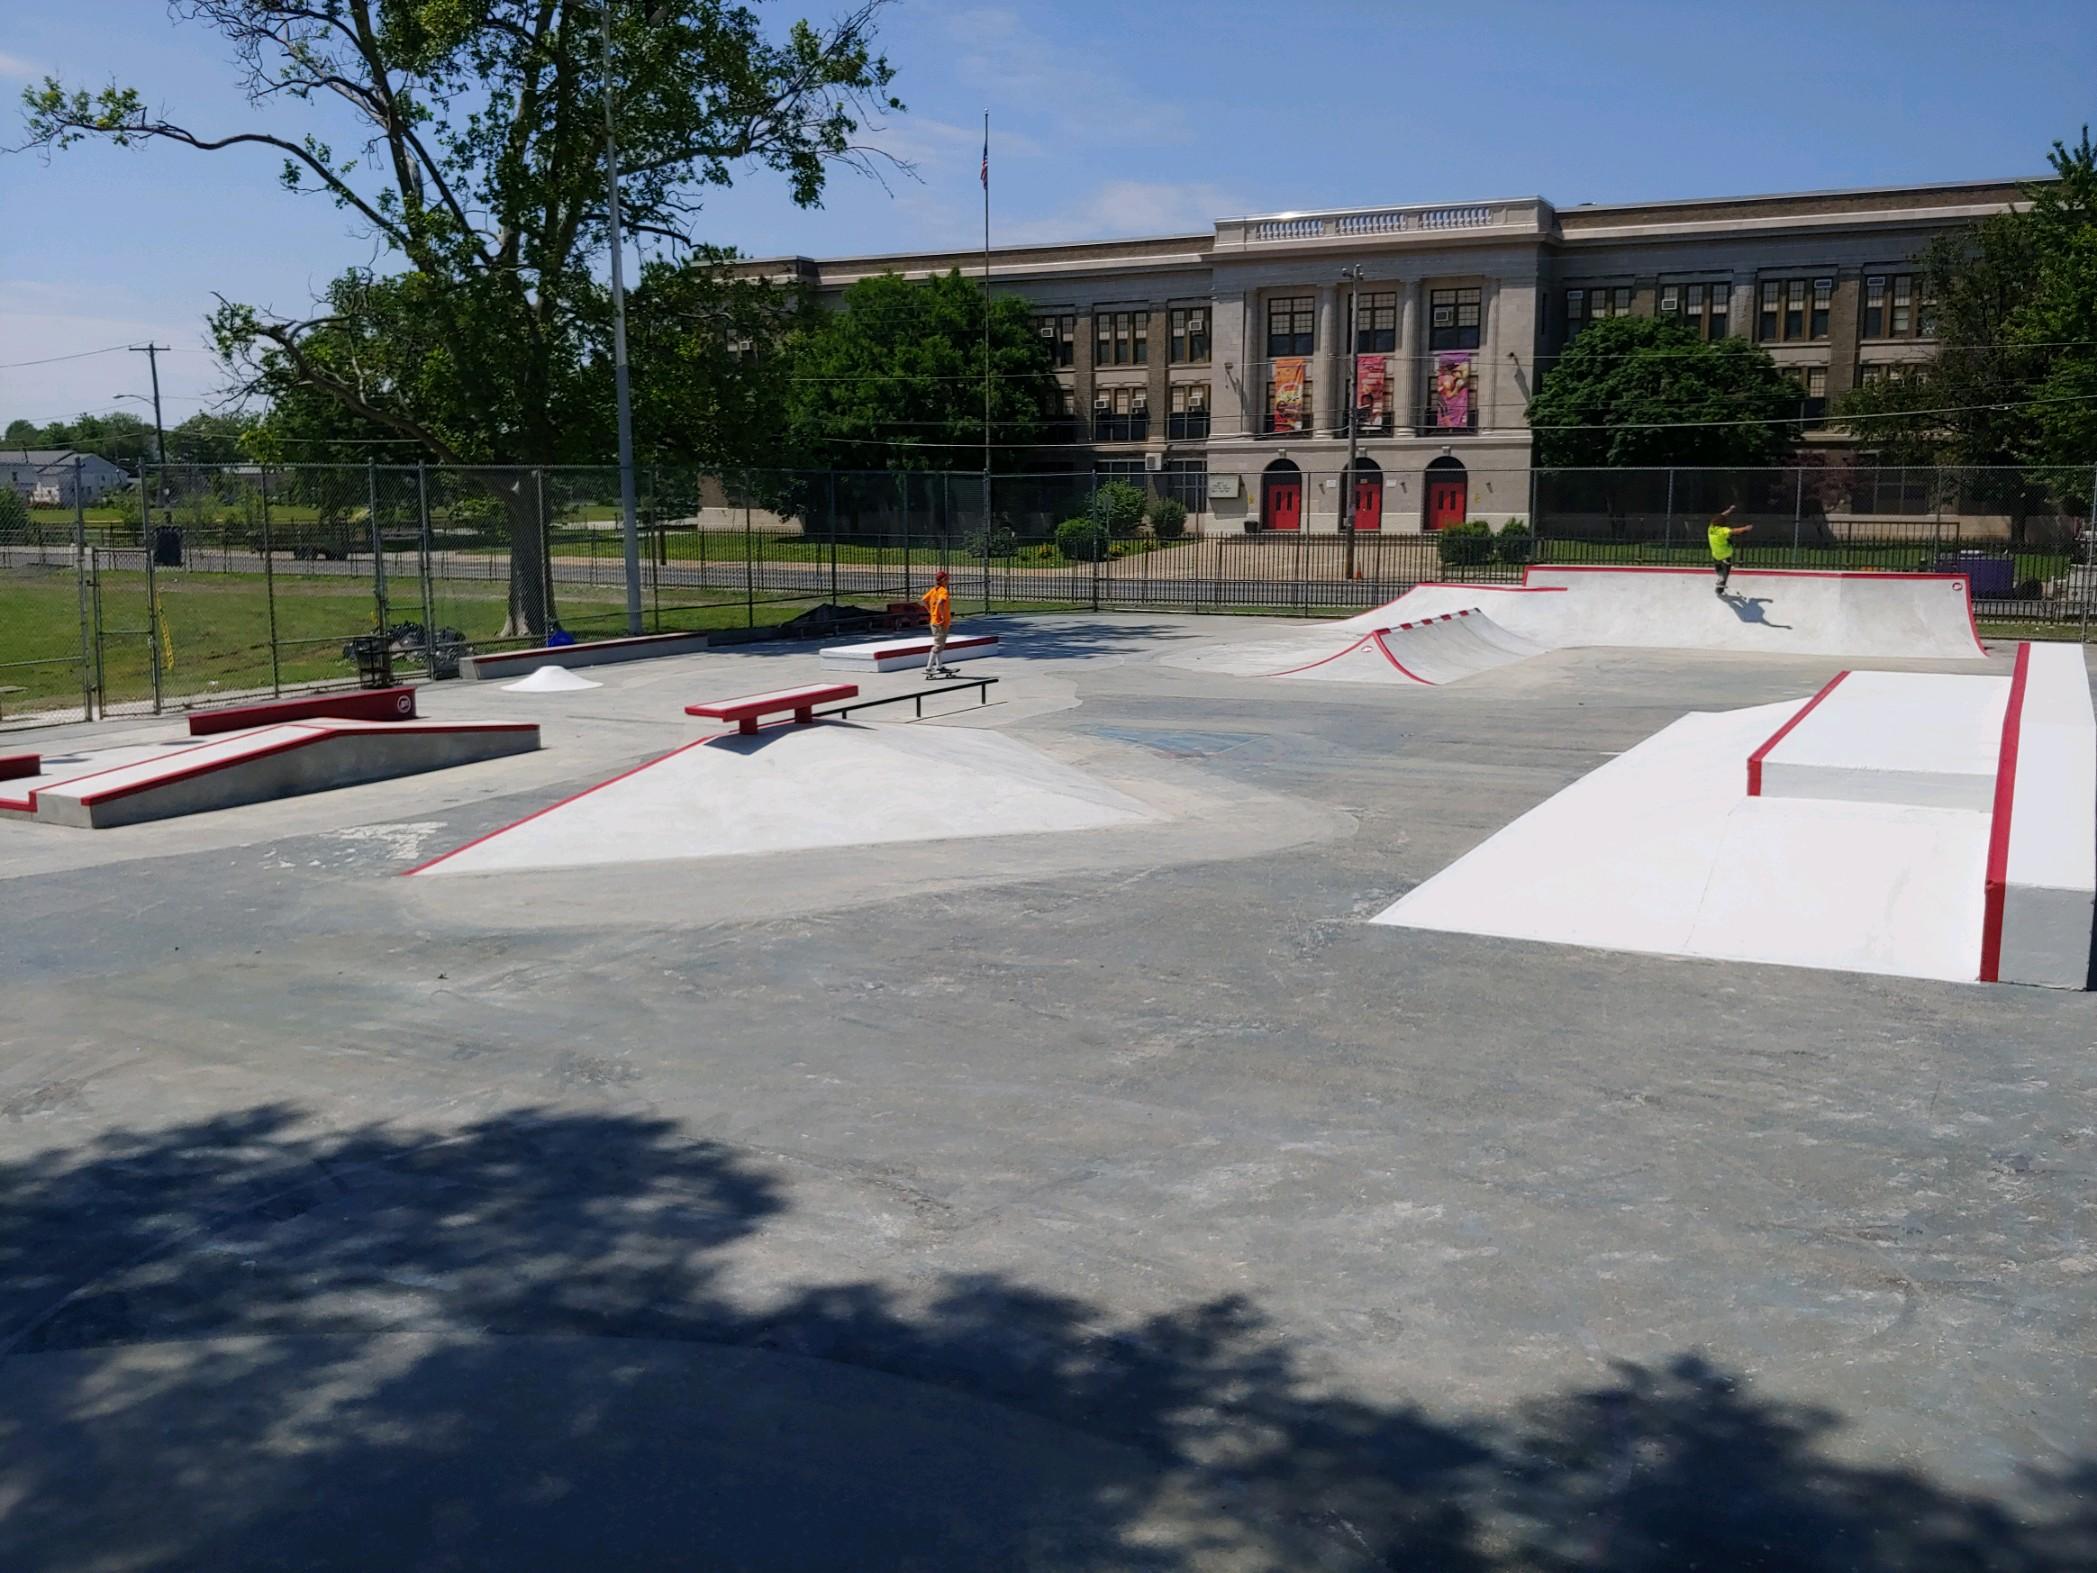 Whitehall Skatepark - Philadelphia, PA